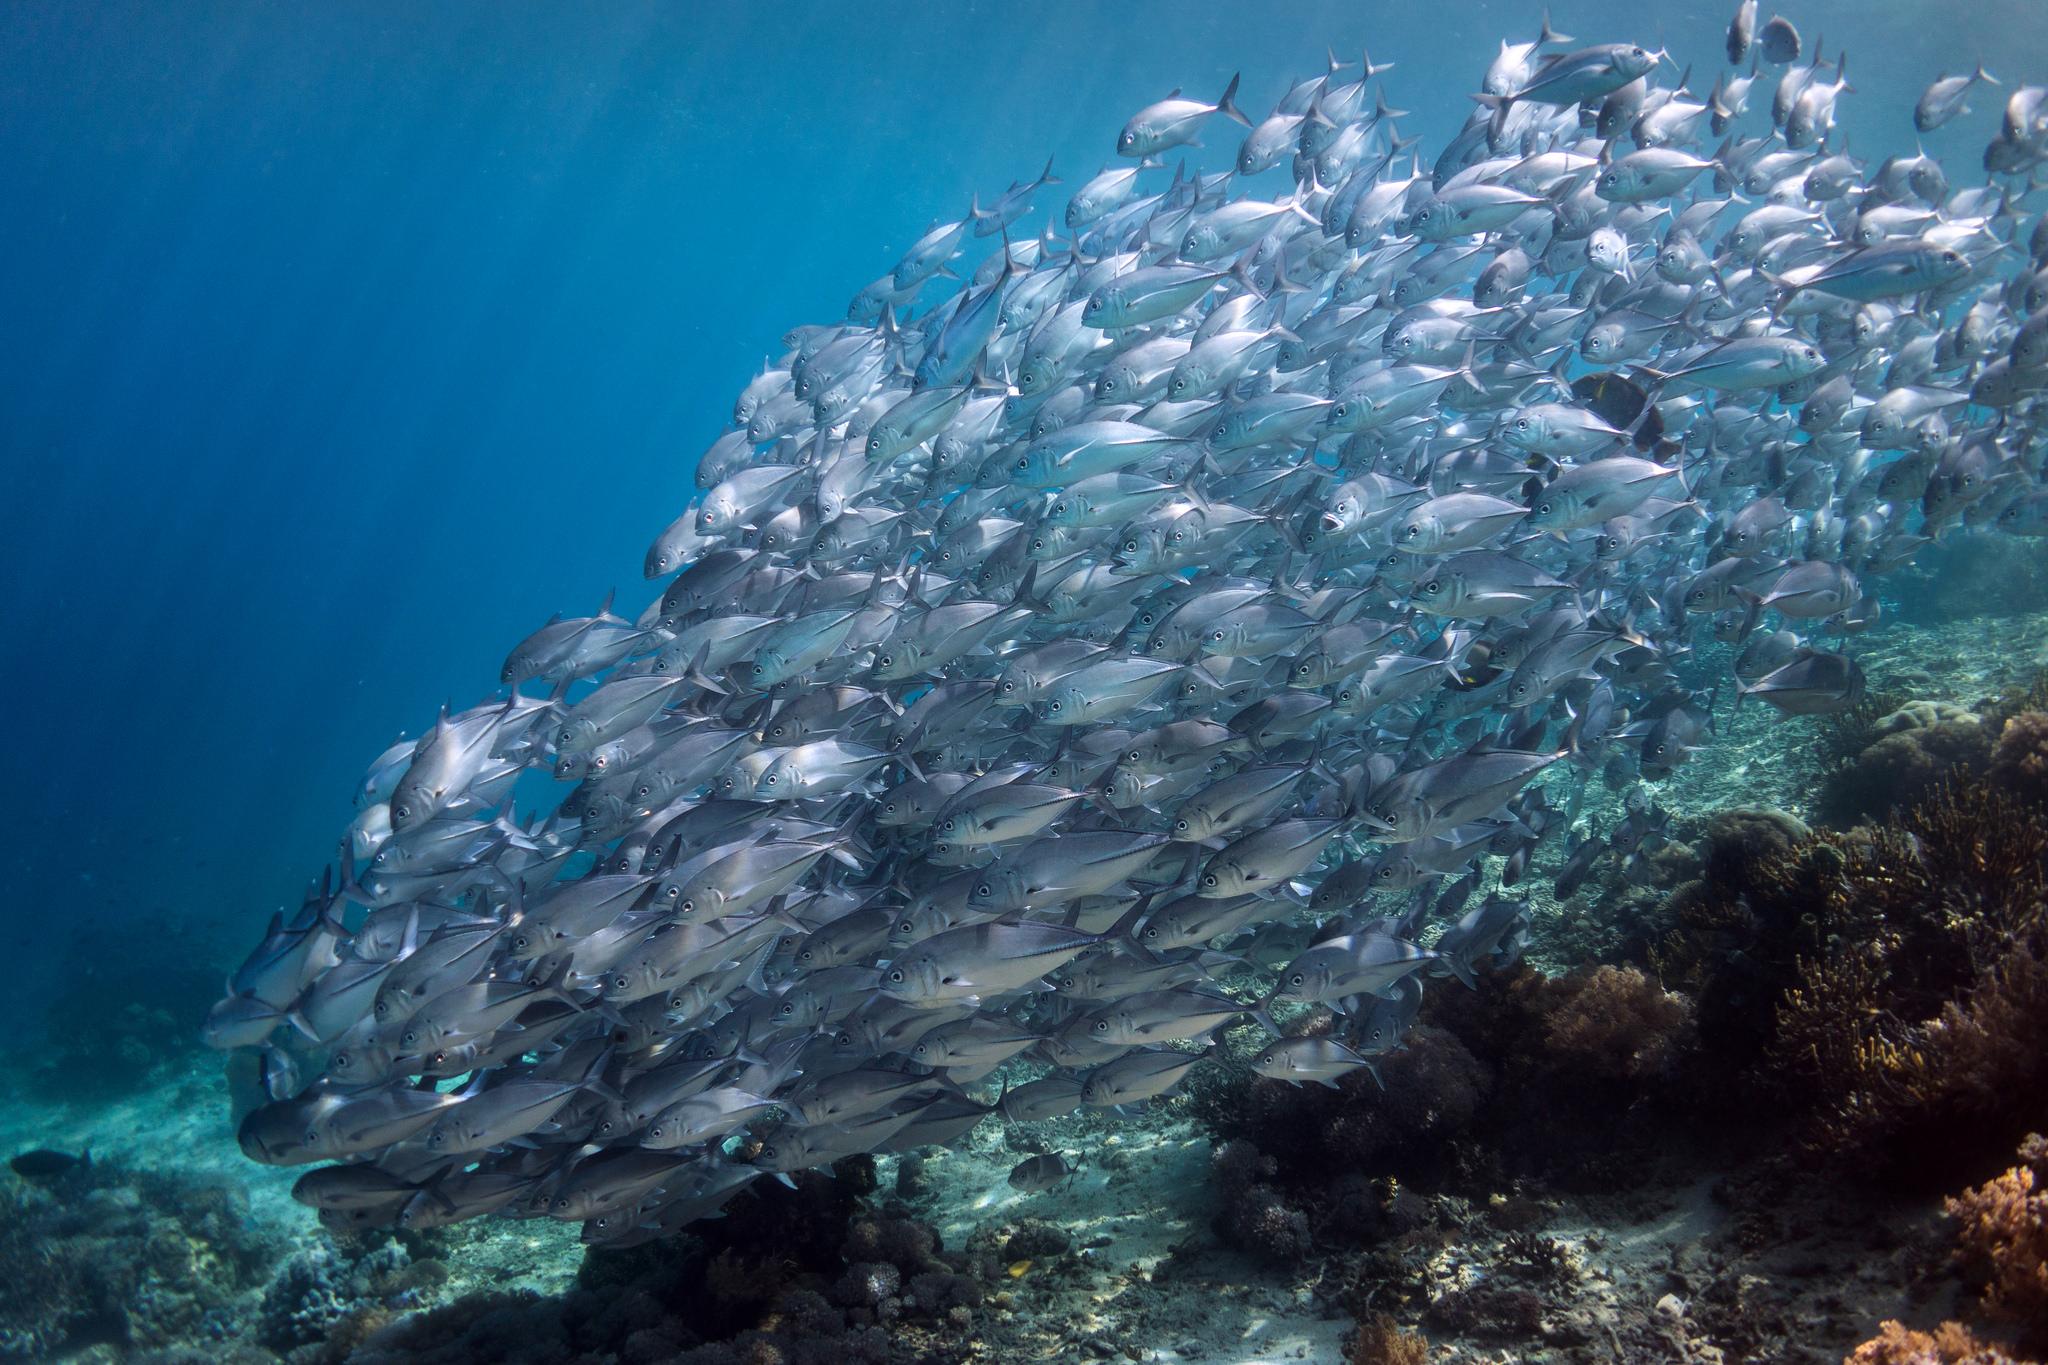 героини, рыбы атлантического океана фото психиатрическая служба